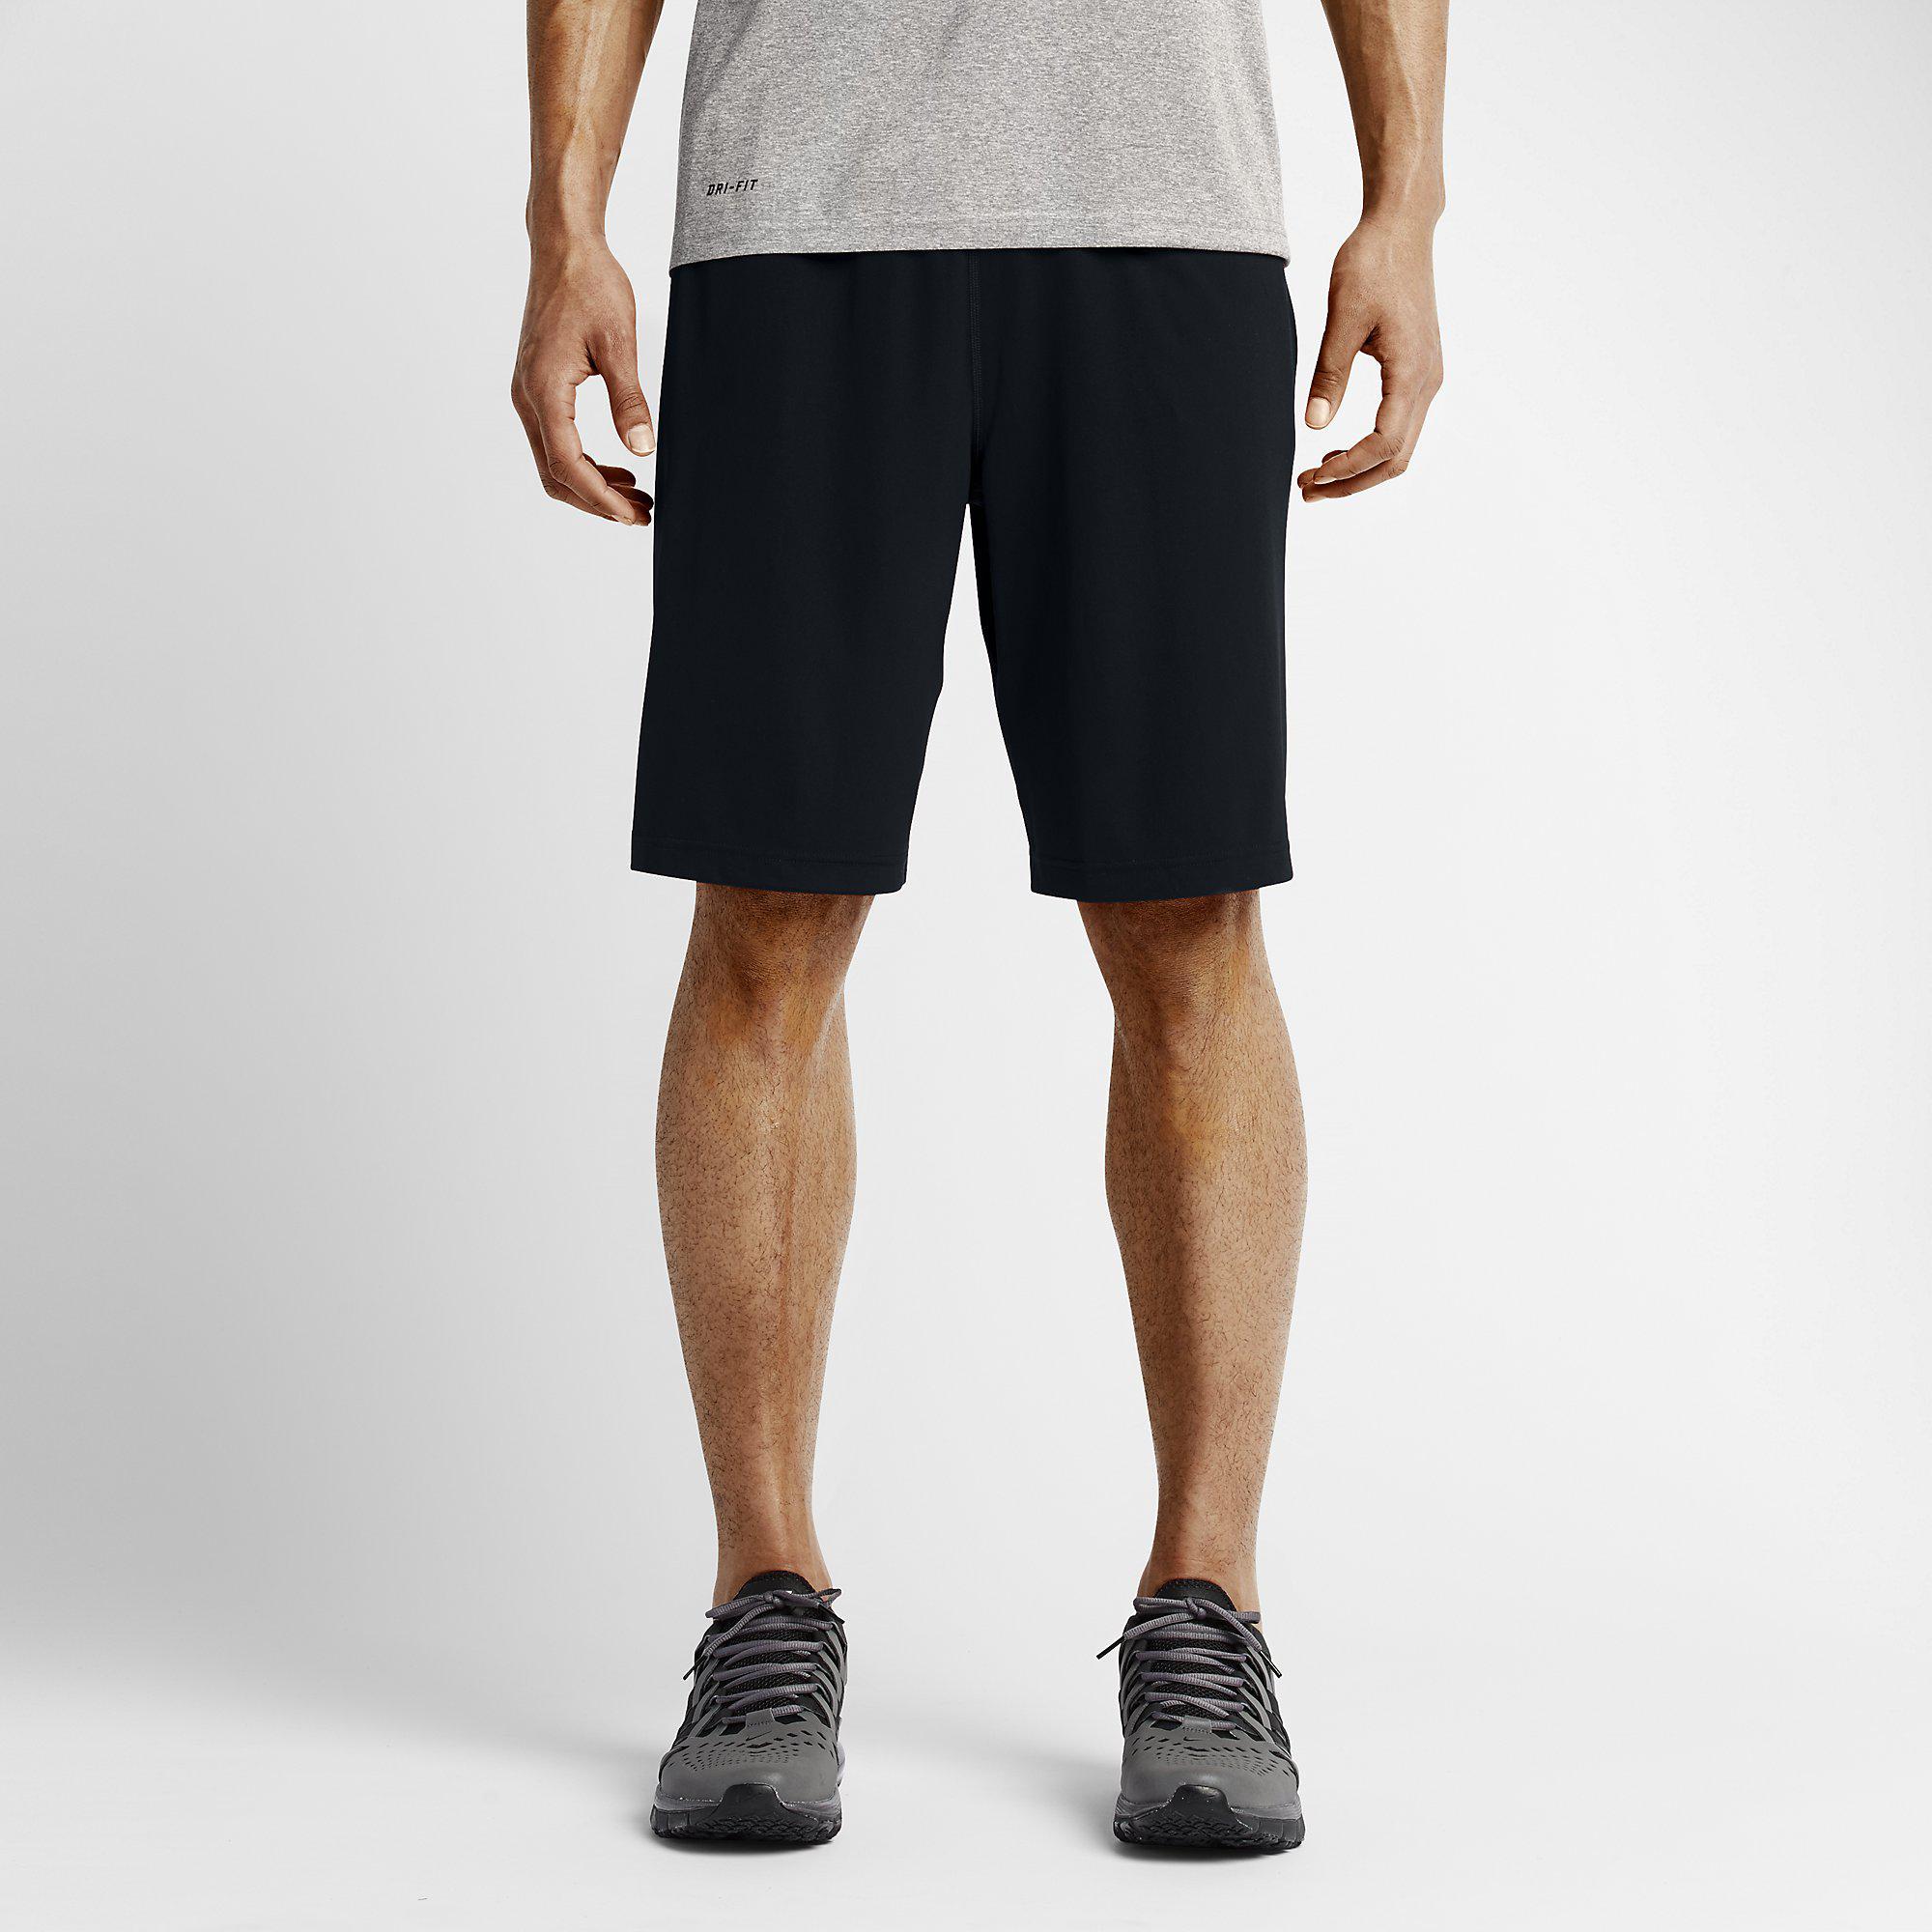 Compra pantalones cortos de encaje online al por mayor de